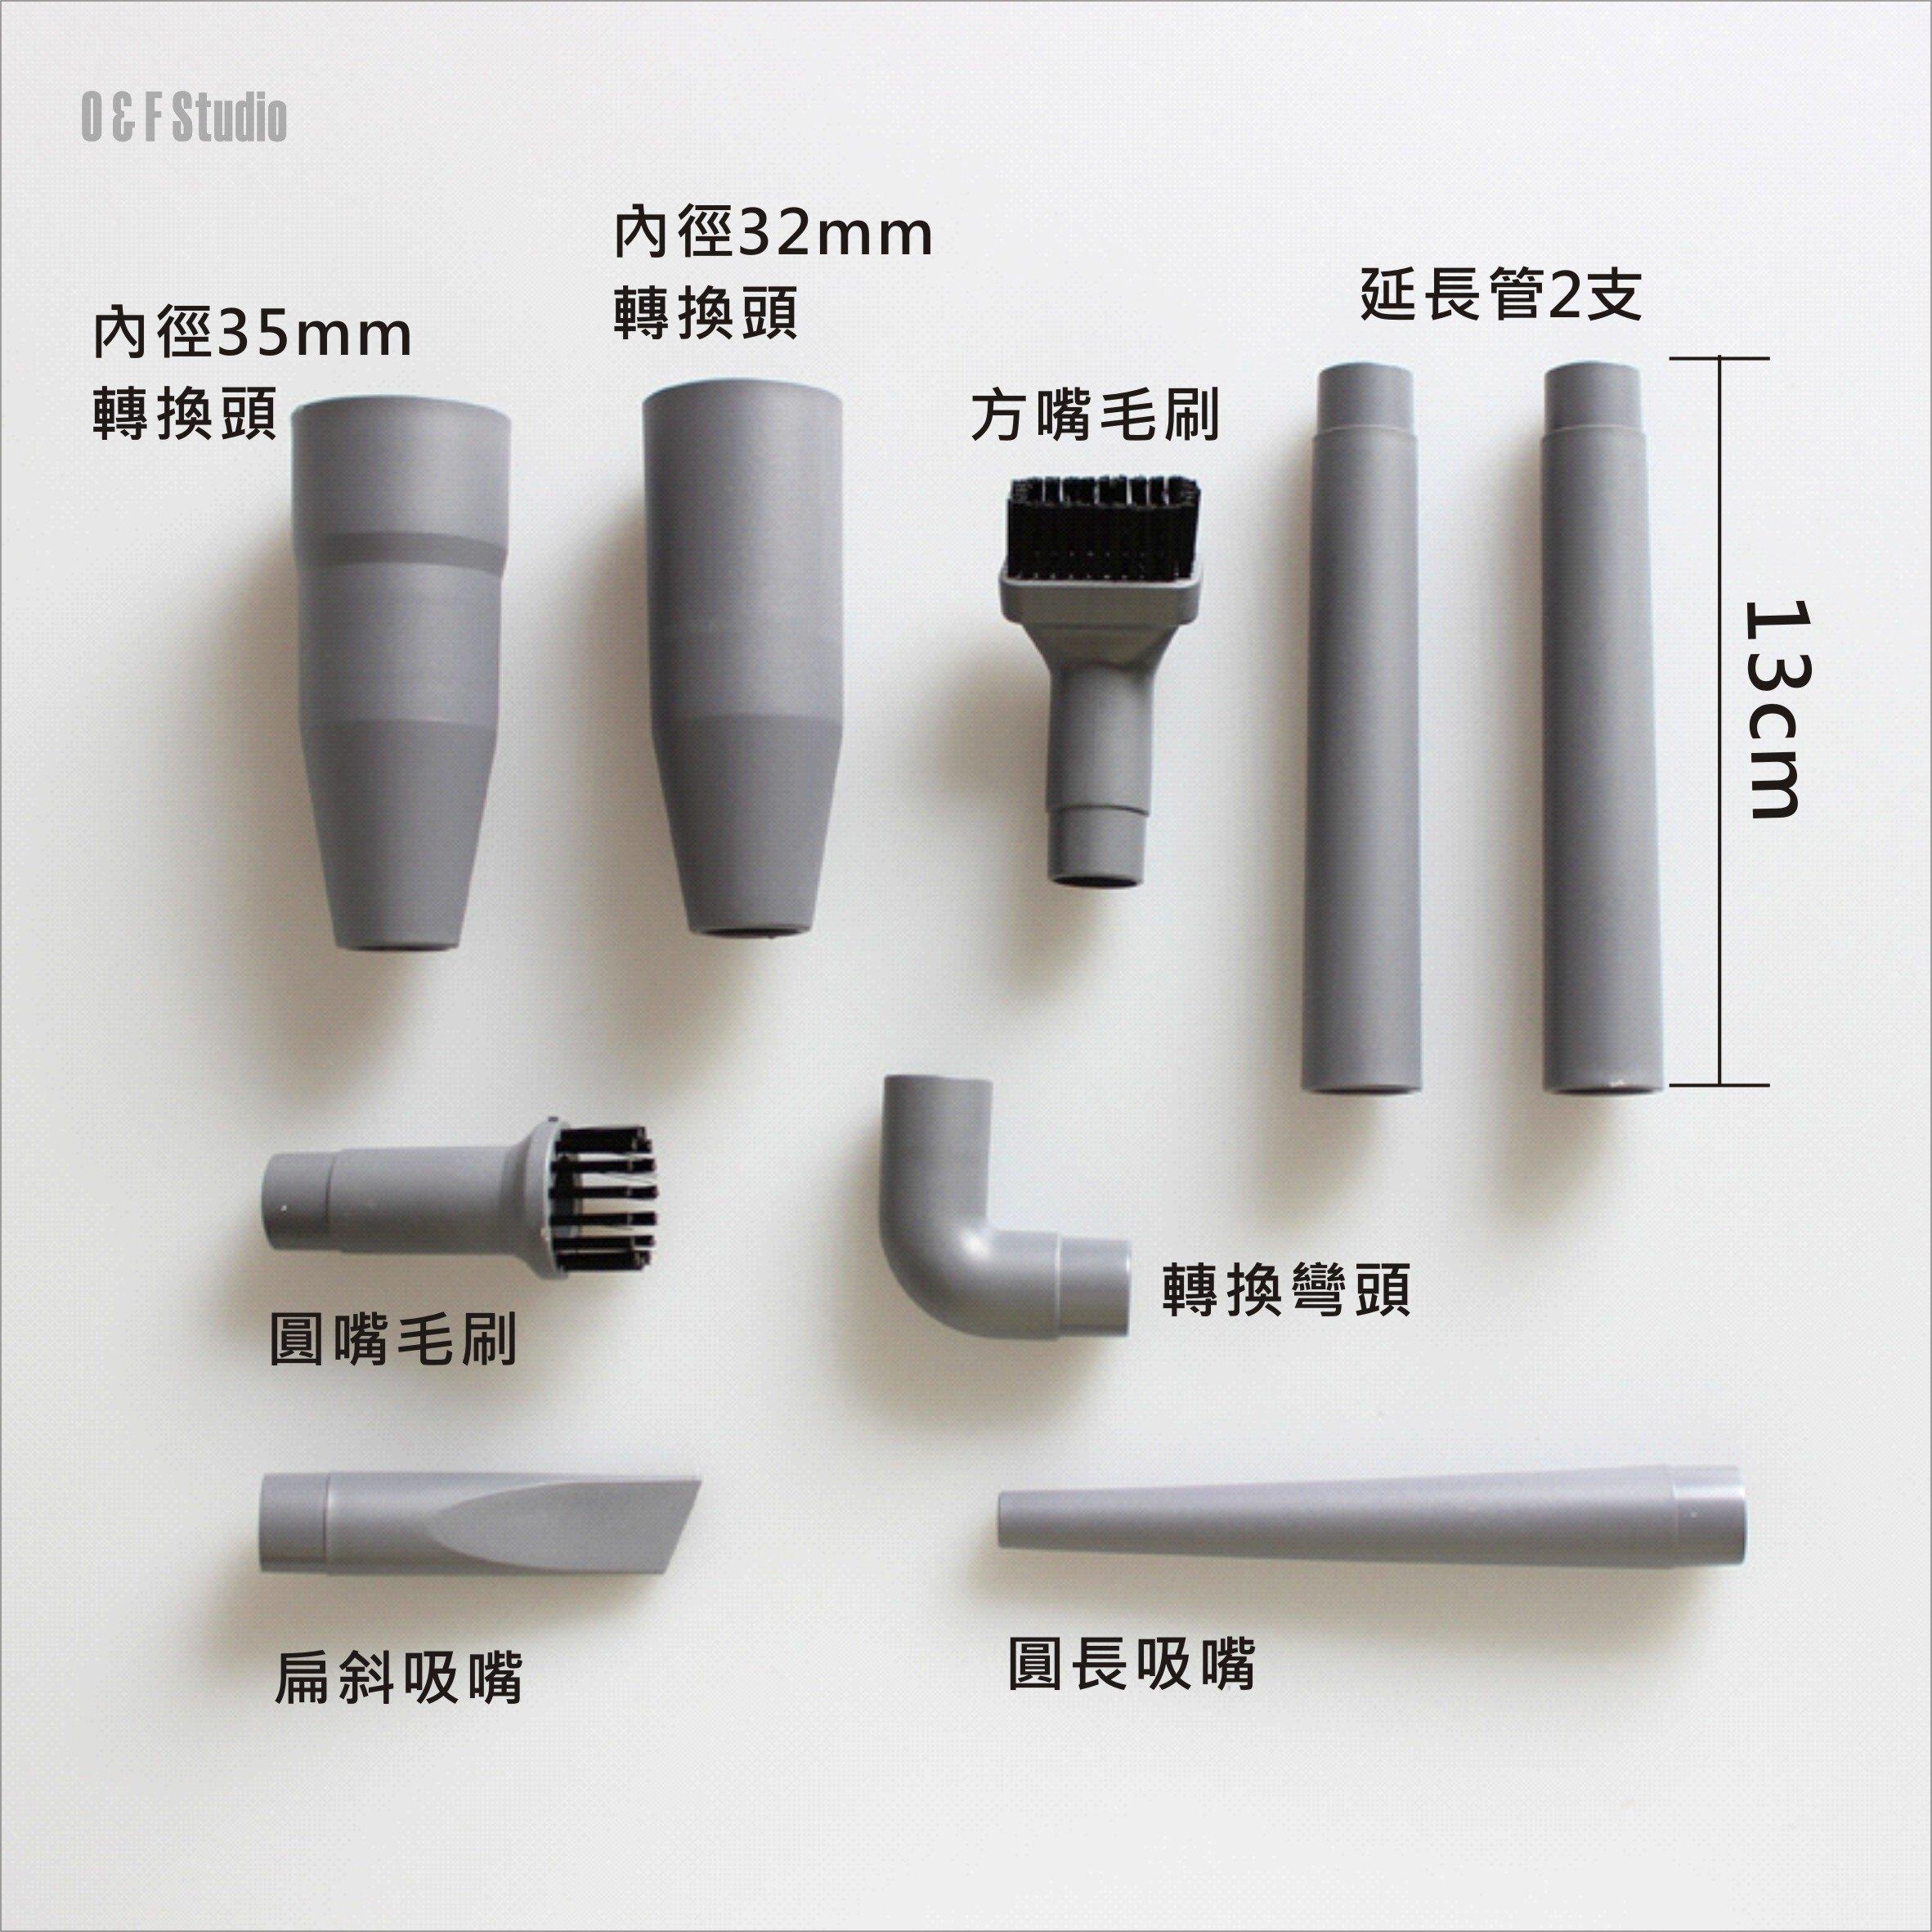 (618購物節)吸塵器小型配件9件組(含轉接頭:內徑32mm及內徑35mm) 伊萊克斯 飛利浦...【居家達人 C002】